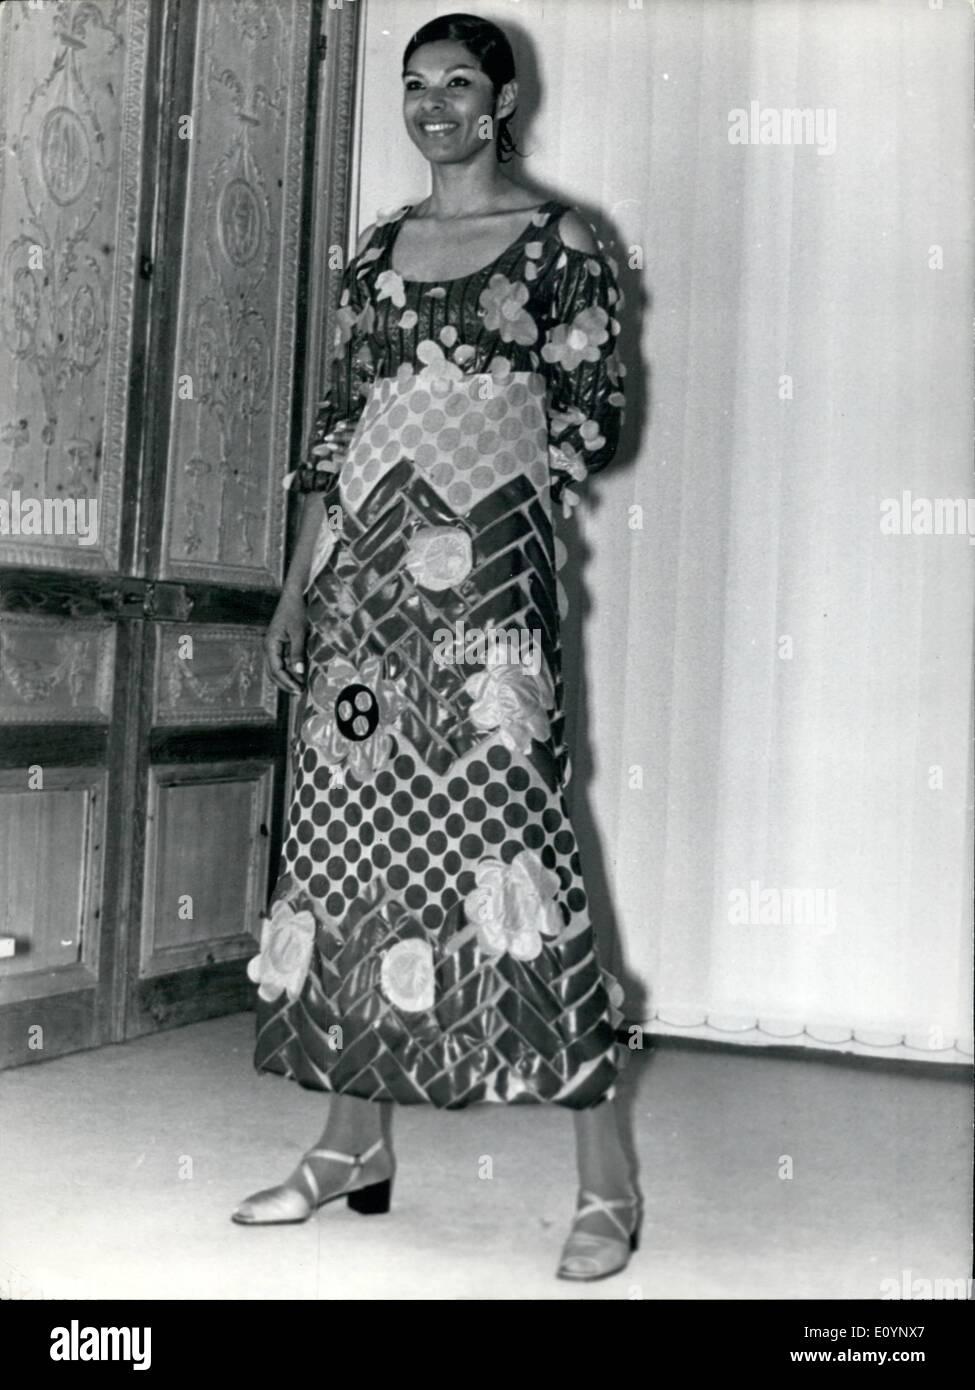 4042fe0a749 Jan. 01, 1971 - Paris Fashions: Emmanuel Ungaro, one of the Paris's ...